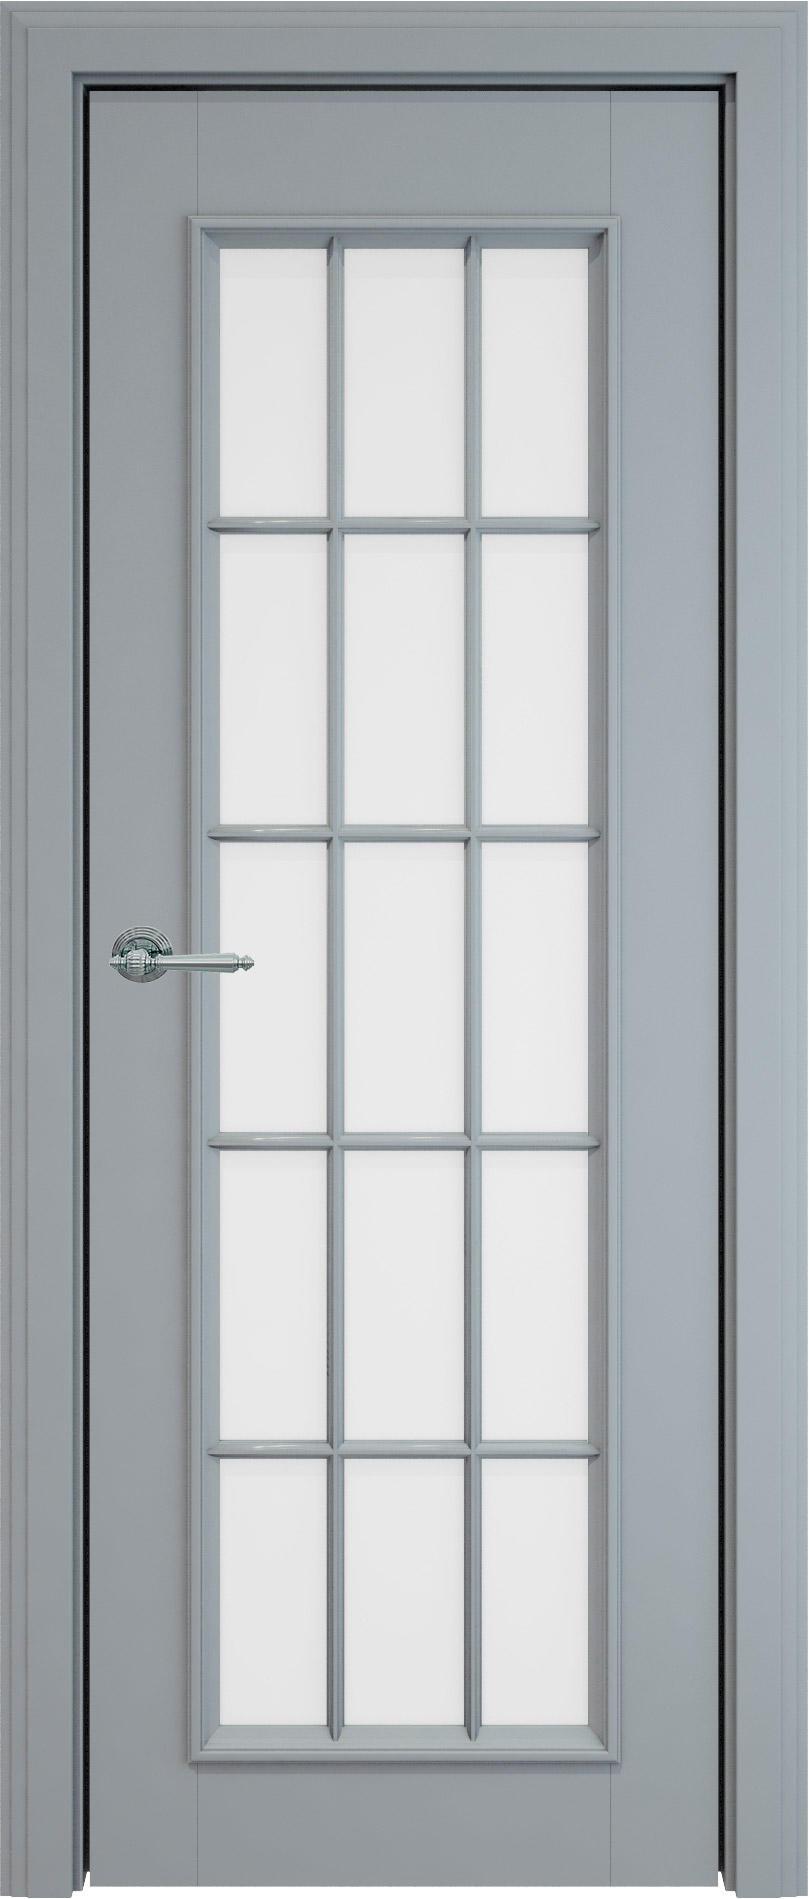 Domenica LUX цвет - Серебристо-серая эмаль (RAL 7045) Со стеклом и обрешеткой (ДО-Р)